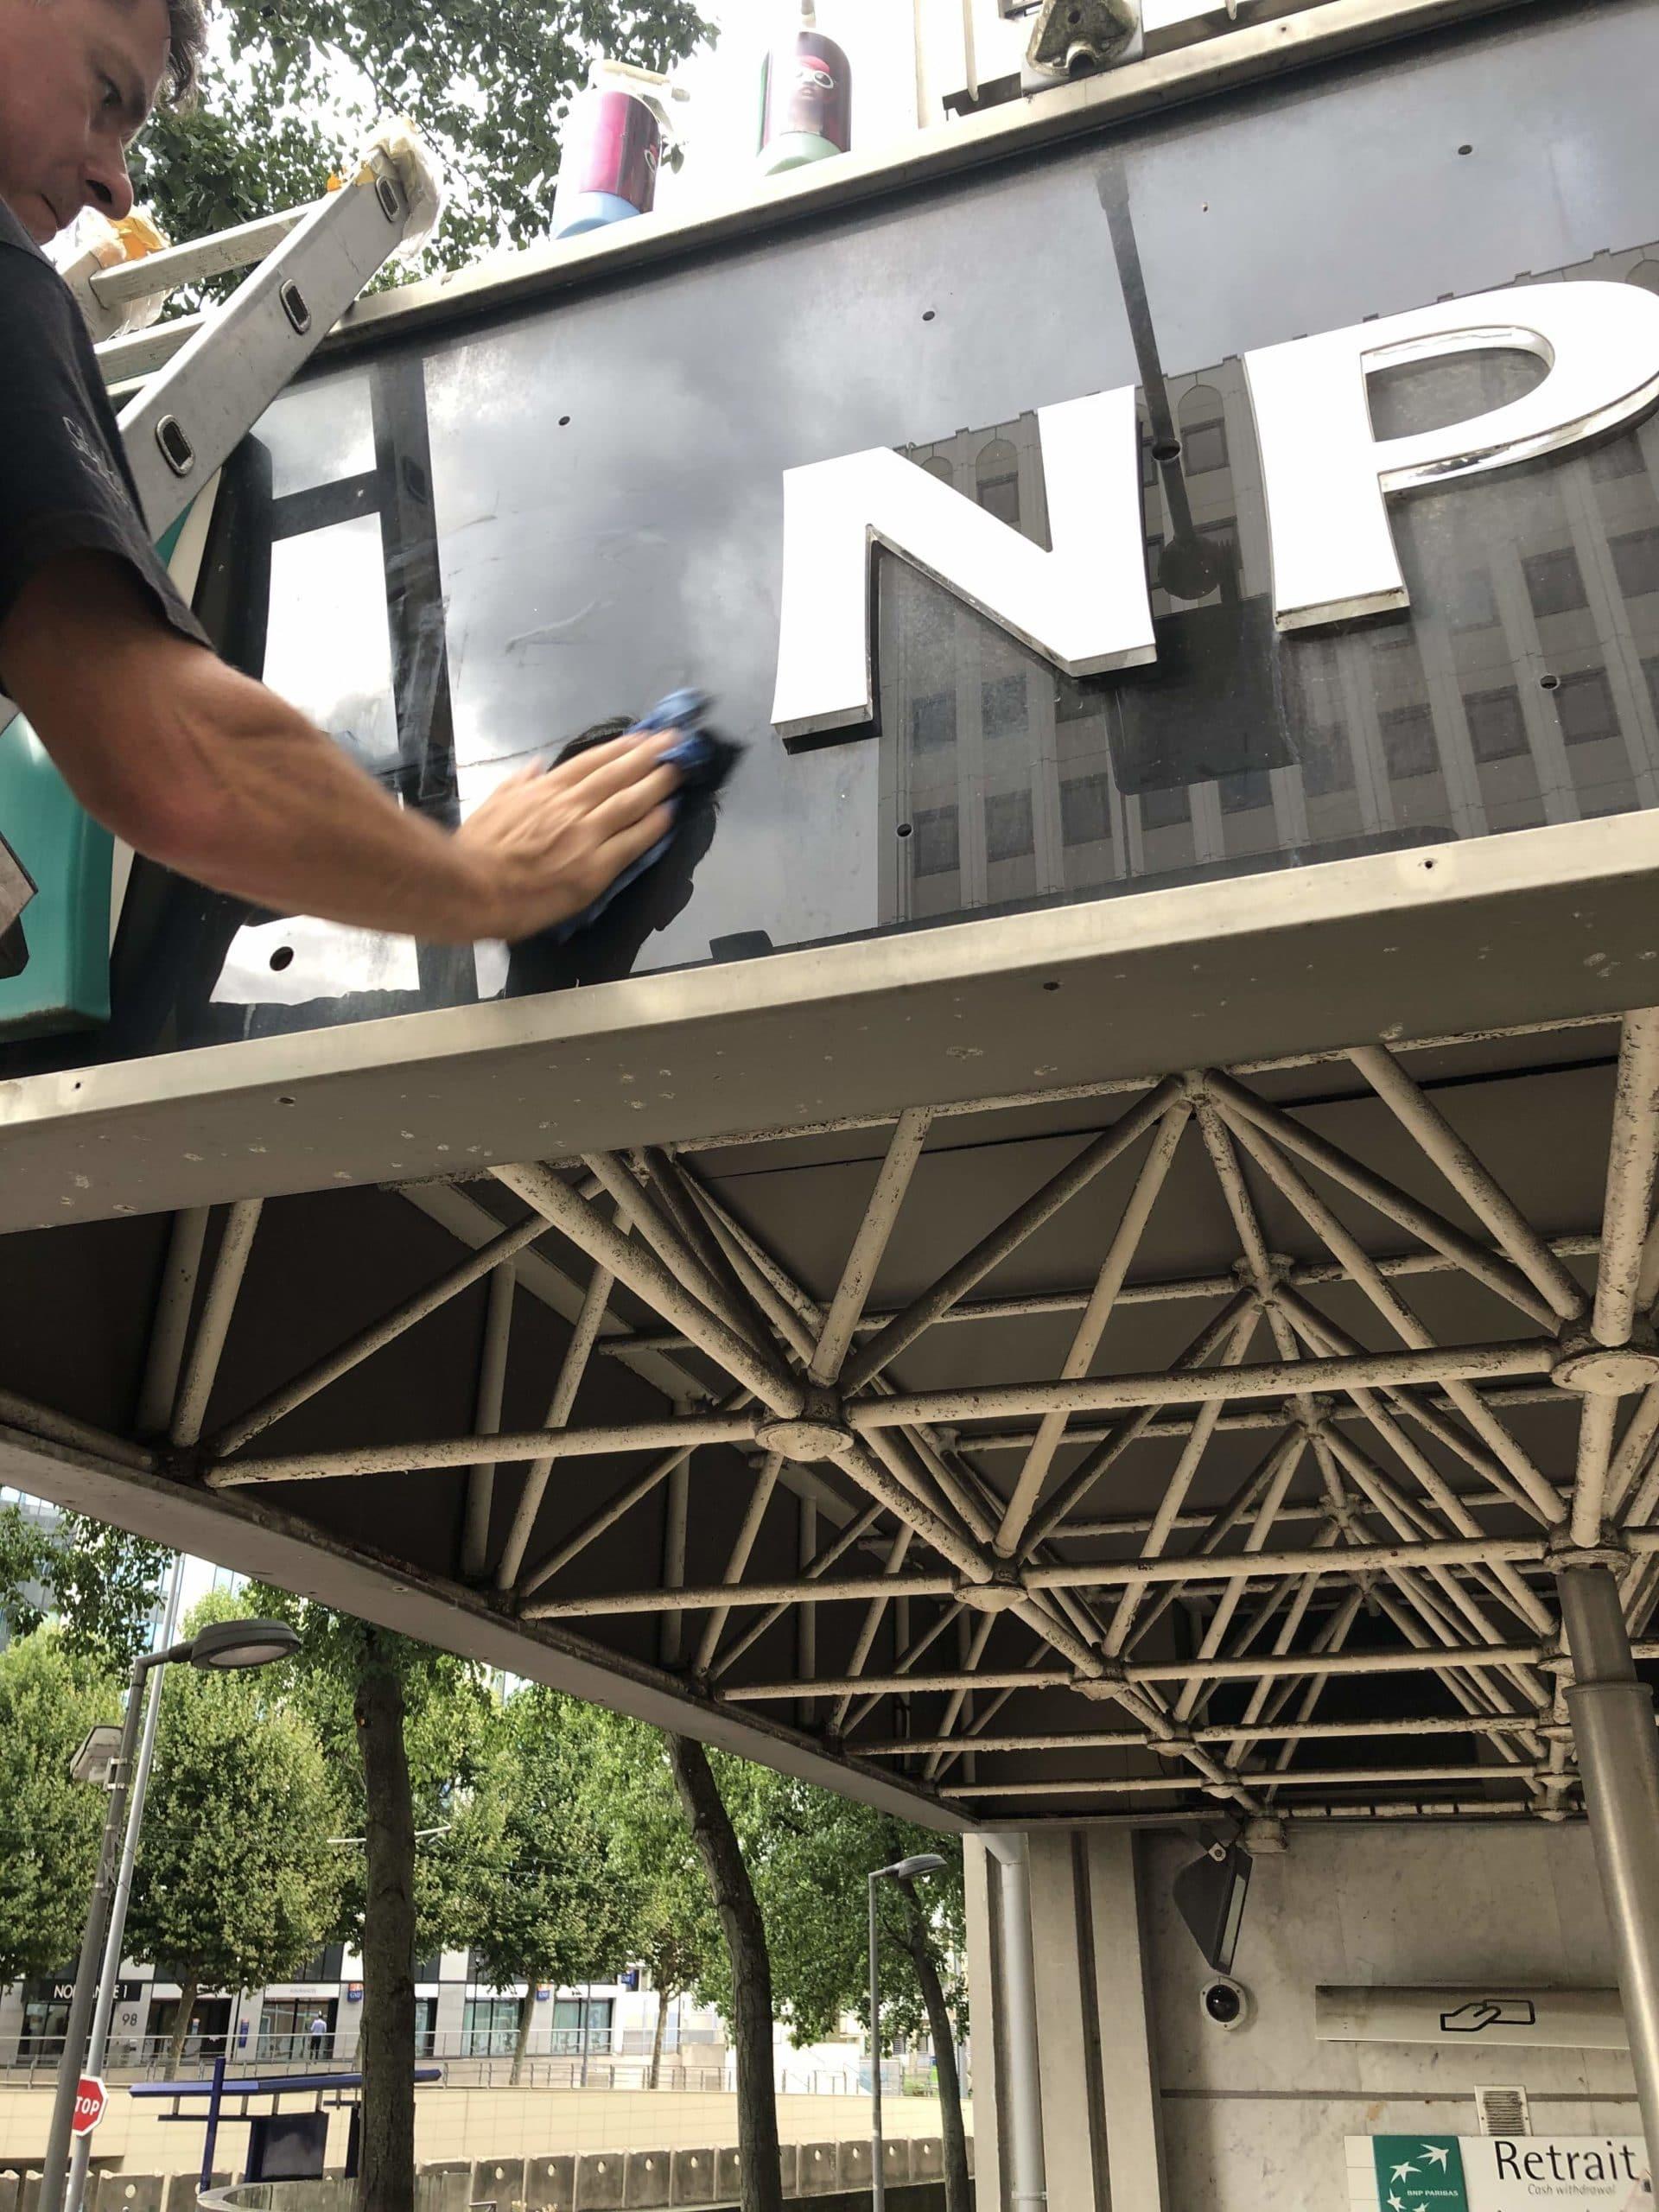 enseigne-agence-bancaire-bnp-paribas-lettrages-agence-bancaire-rénovation-agence-bancaire-caen-sityoka-design